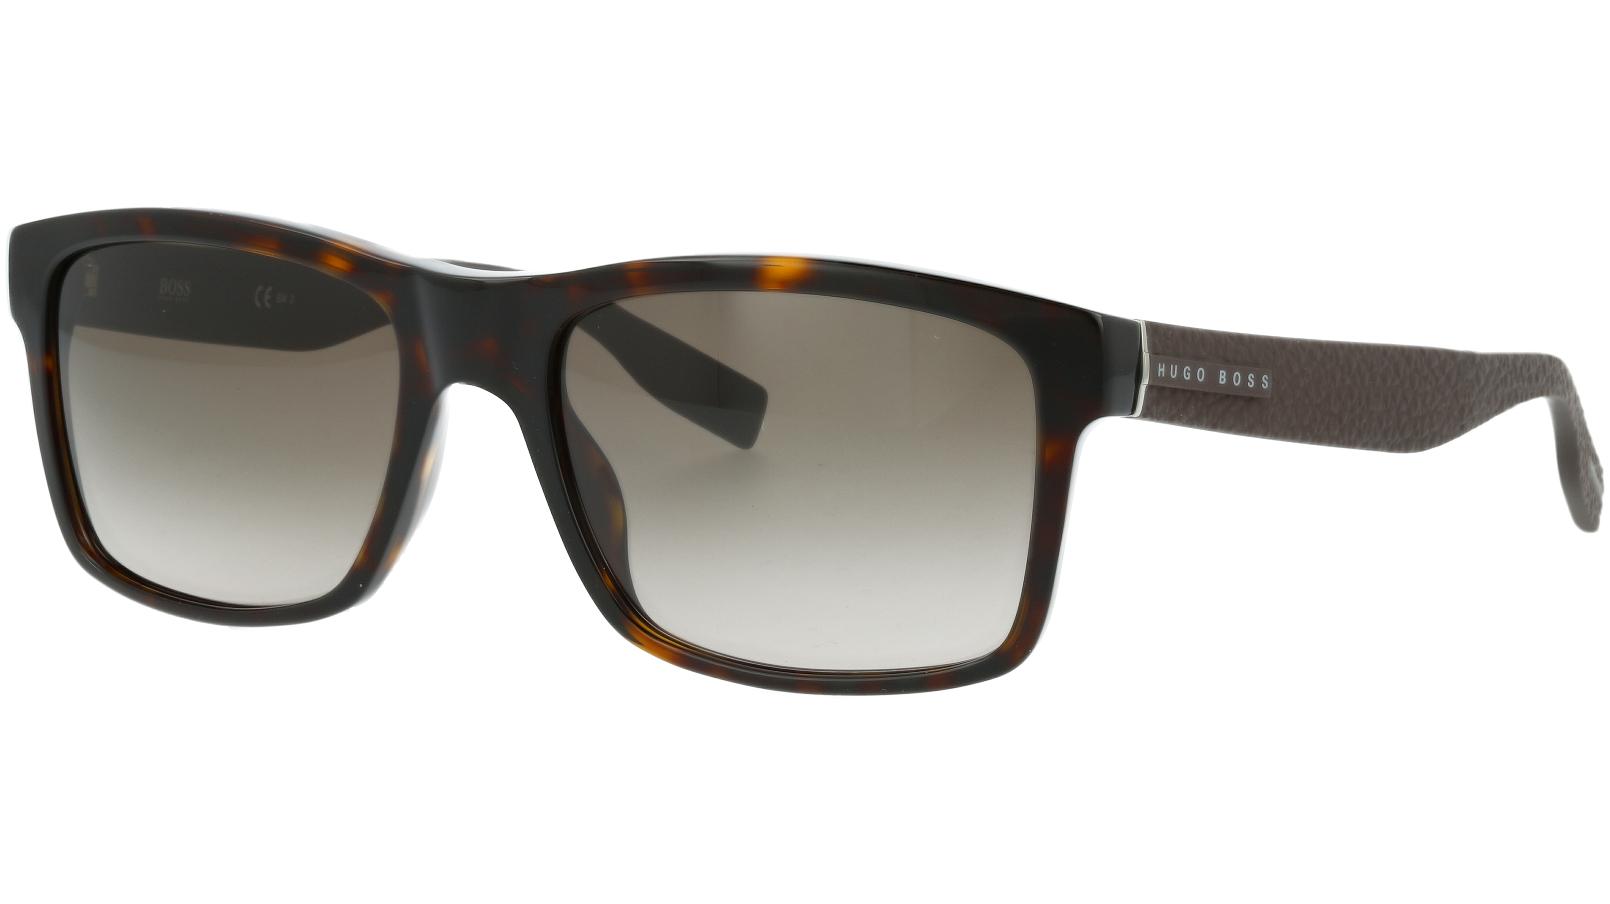 Hugo Boss BOSS0509/N/S 086HA 55 Dark Sunglasses